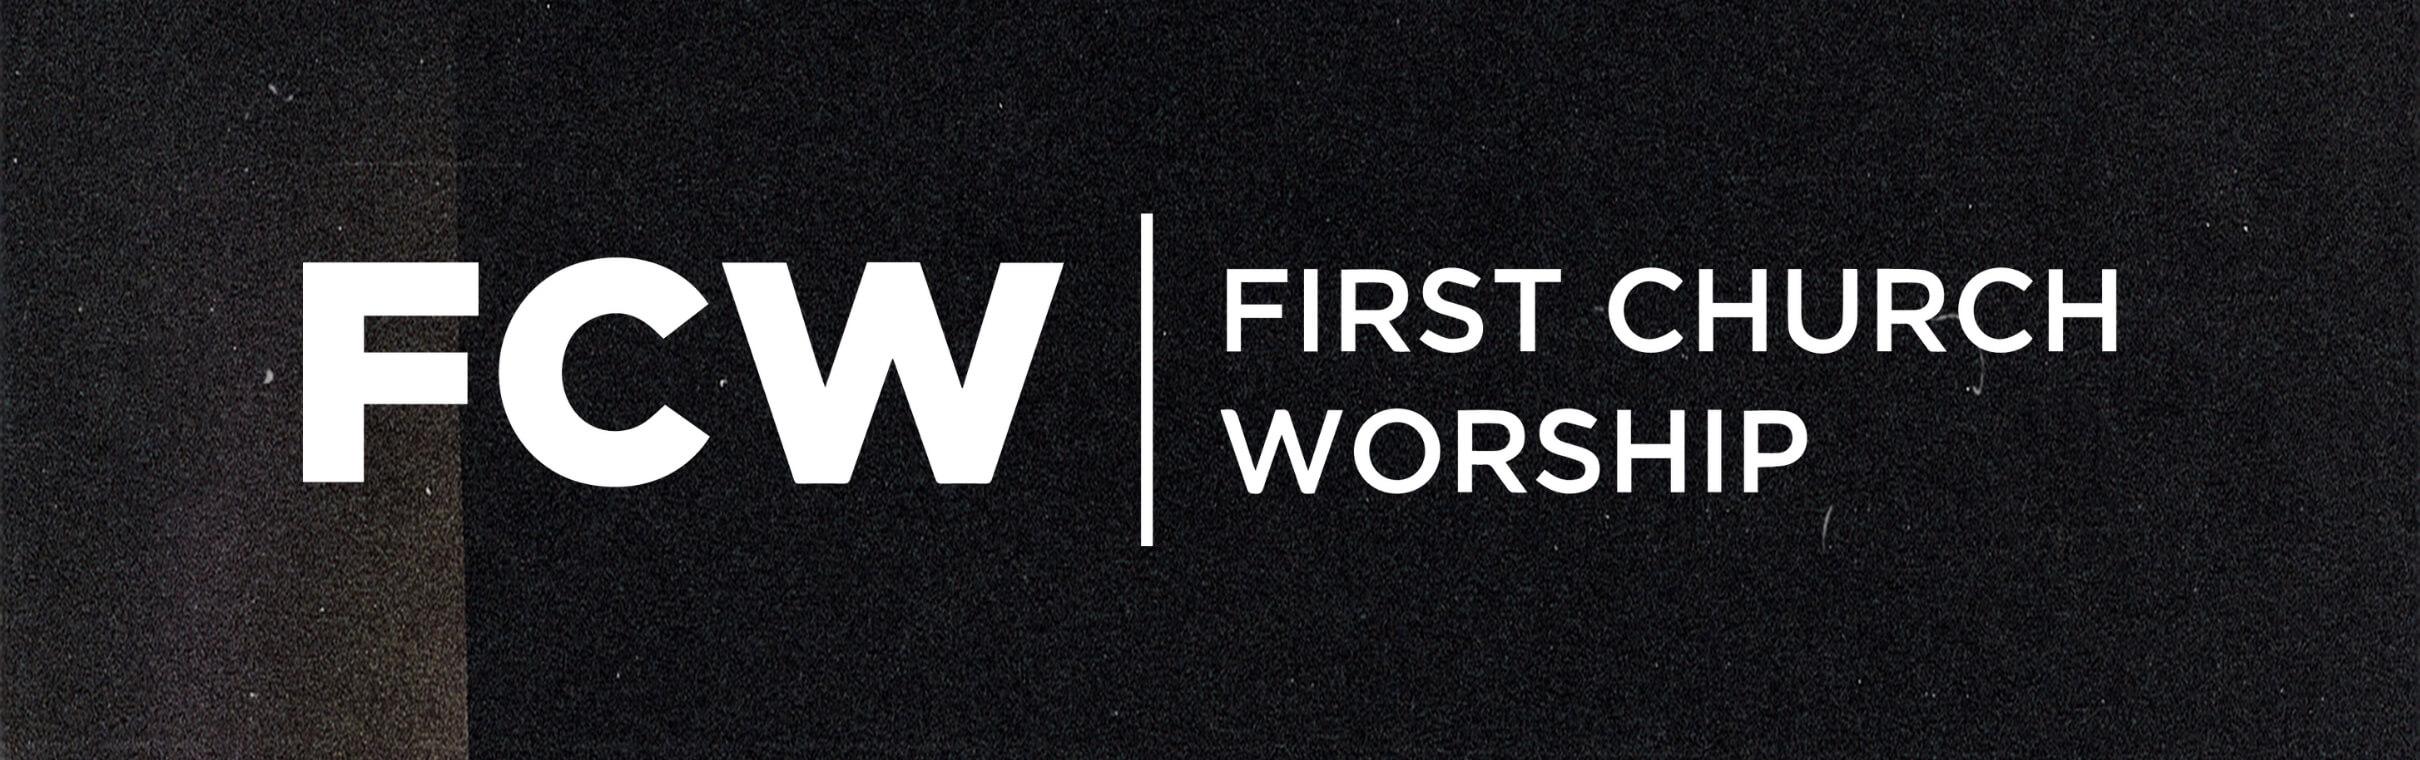 First Church Worship